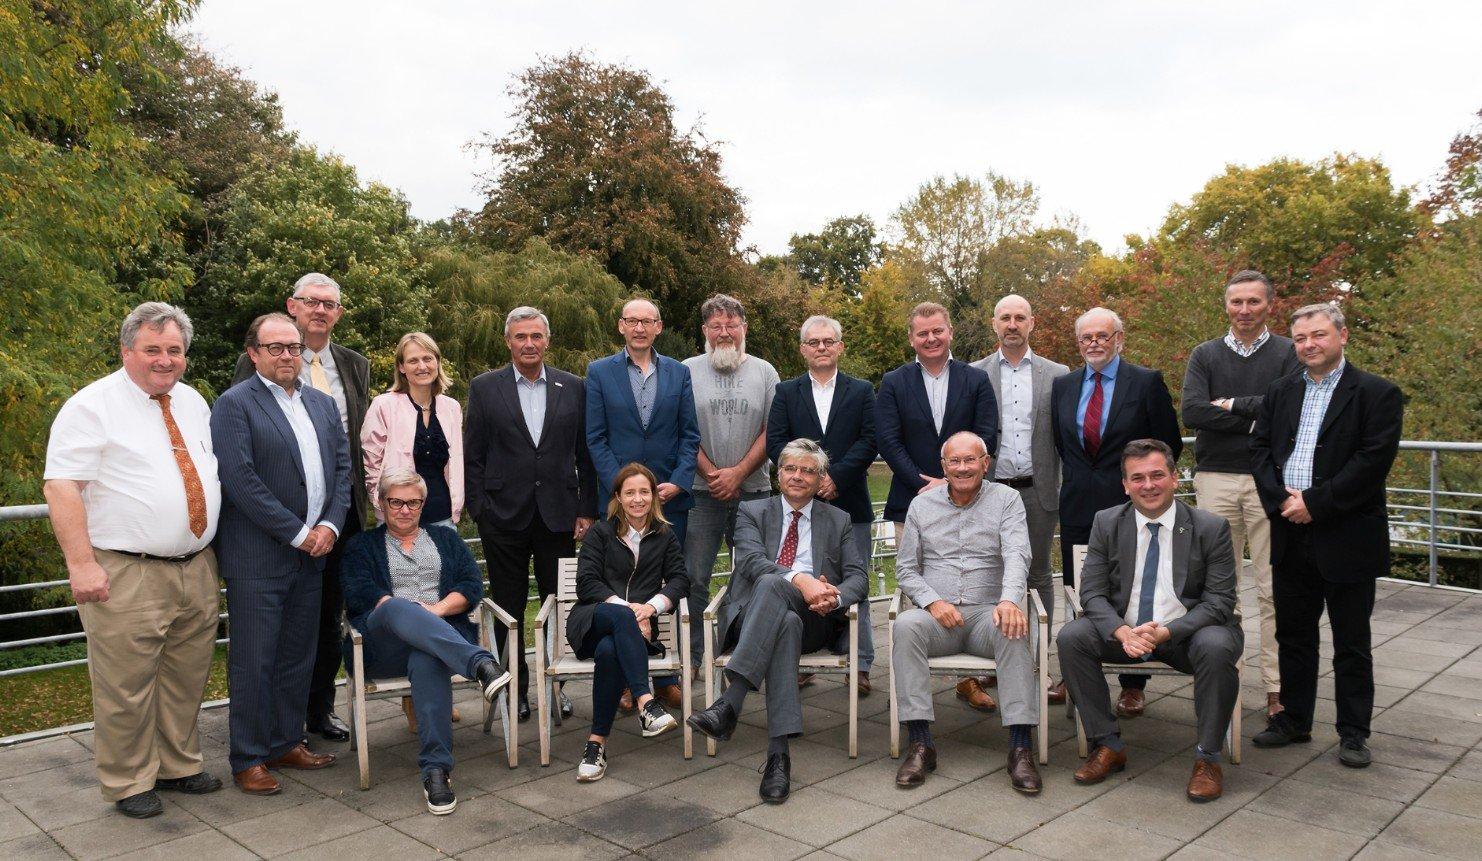 Provincie West-Vlaanderen vraagt 430 ha netto bijkomende bedrijventerreinen aan Vlaanderen - groepsfoto west vlaanderen